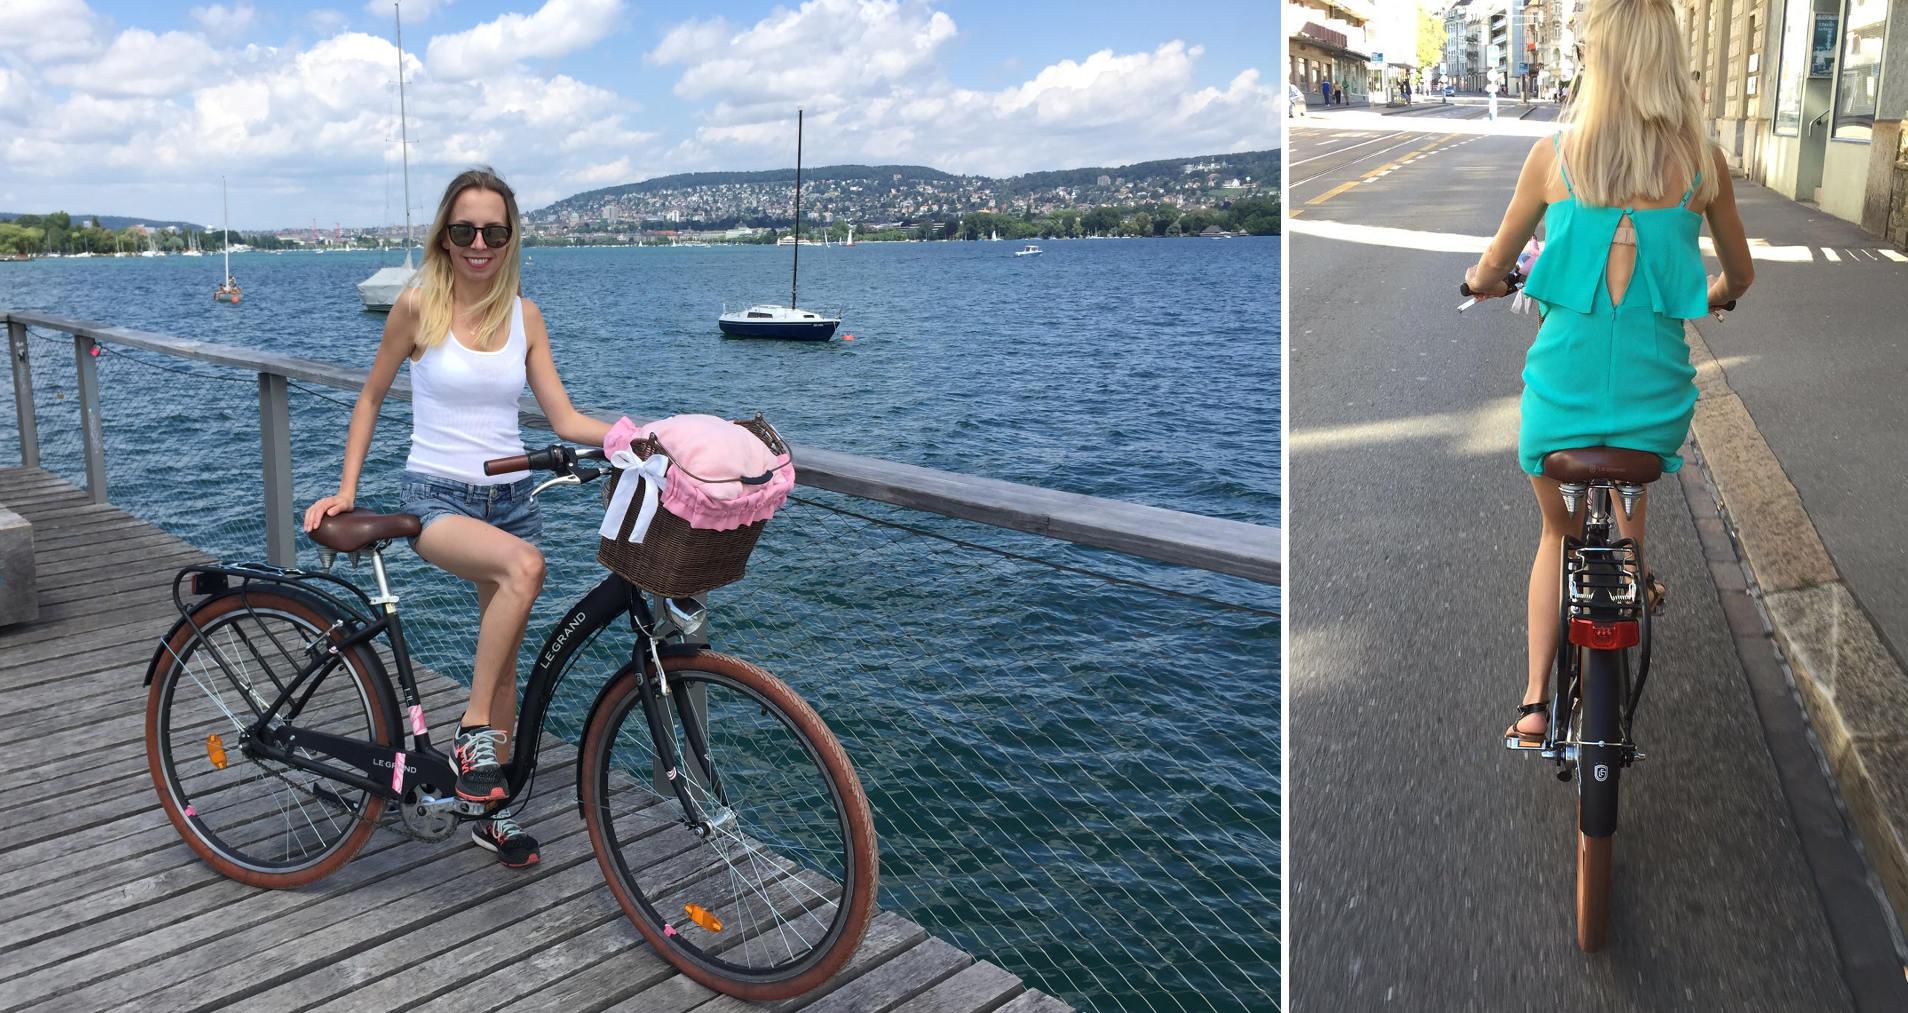 Zurych na rowerze iglawpodrozy